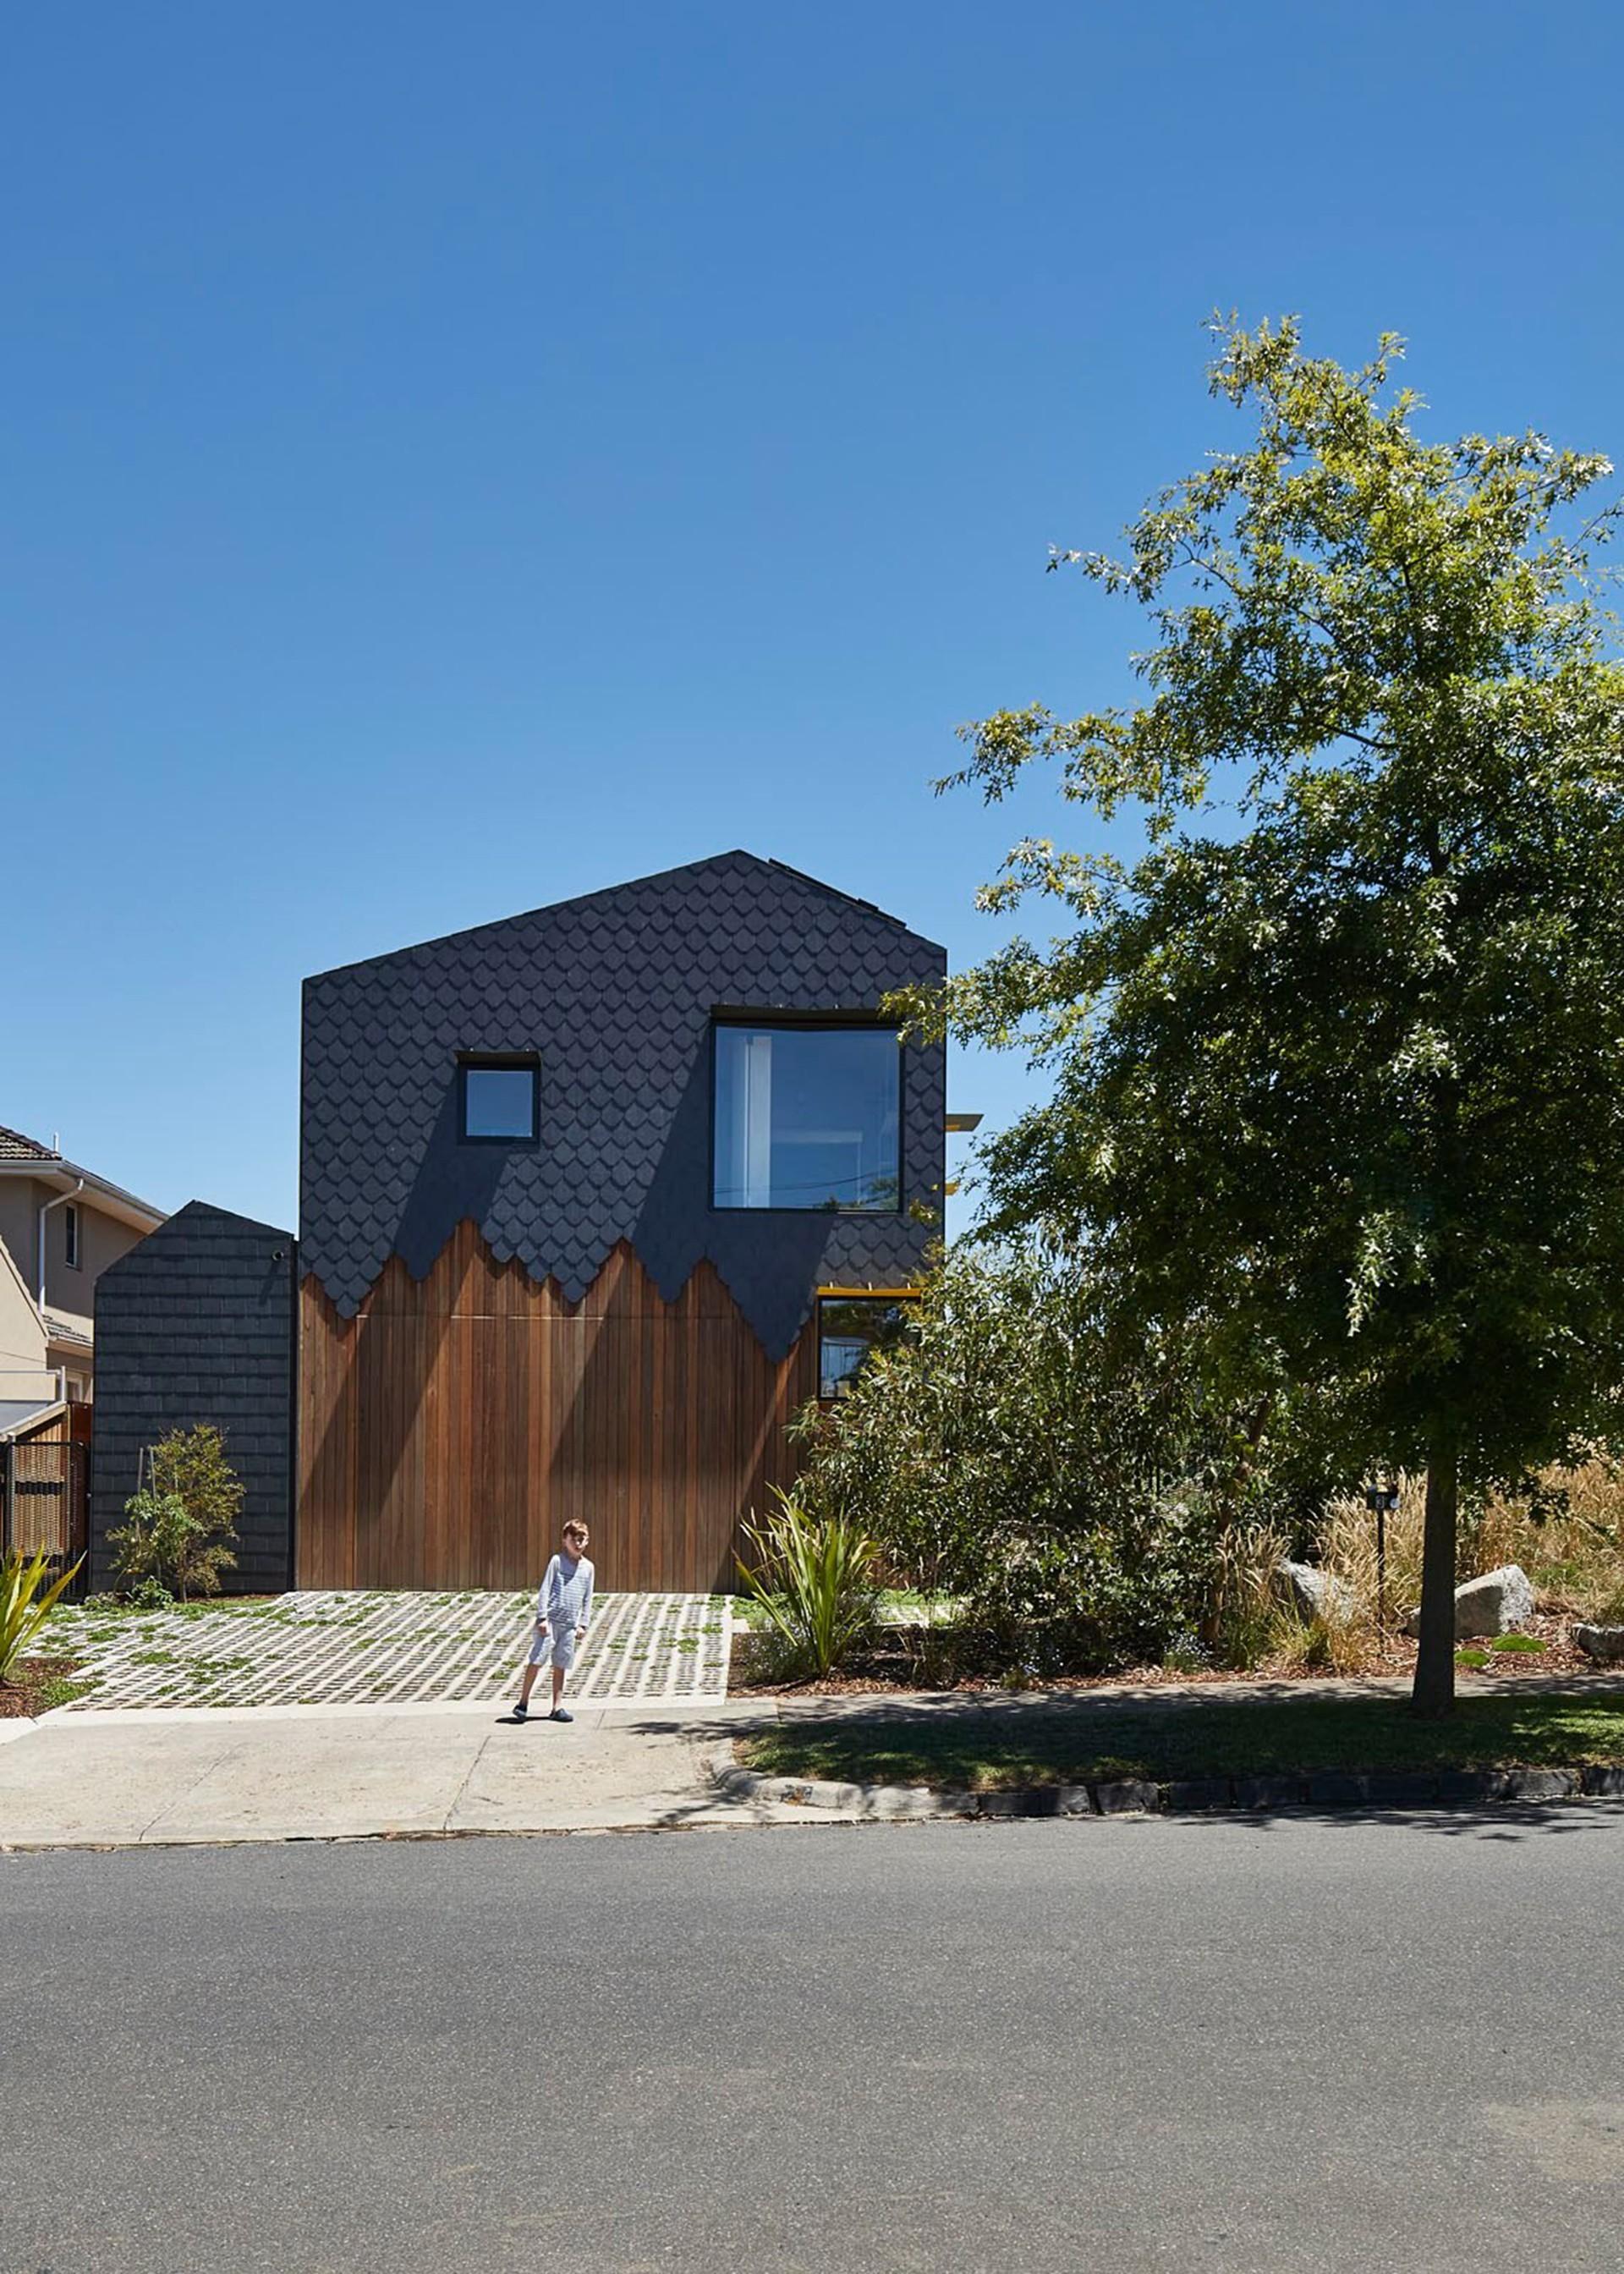 Charles House di Austin Maynard Architects